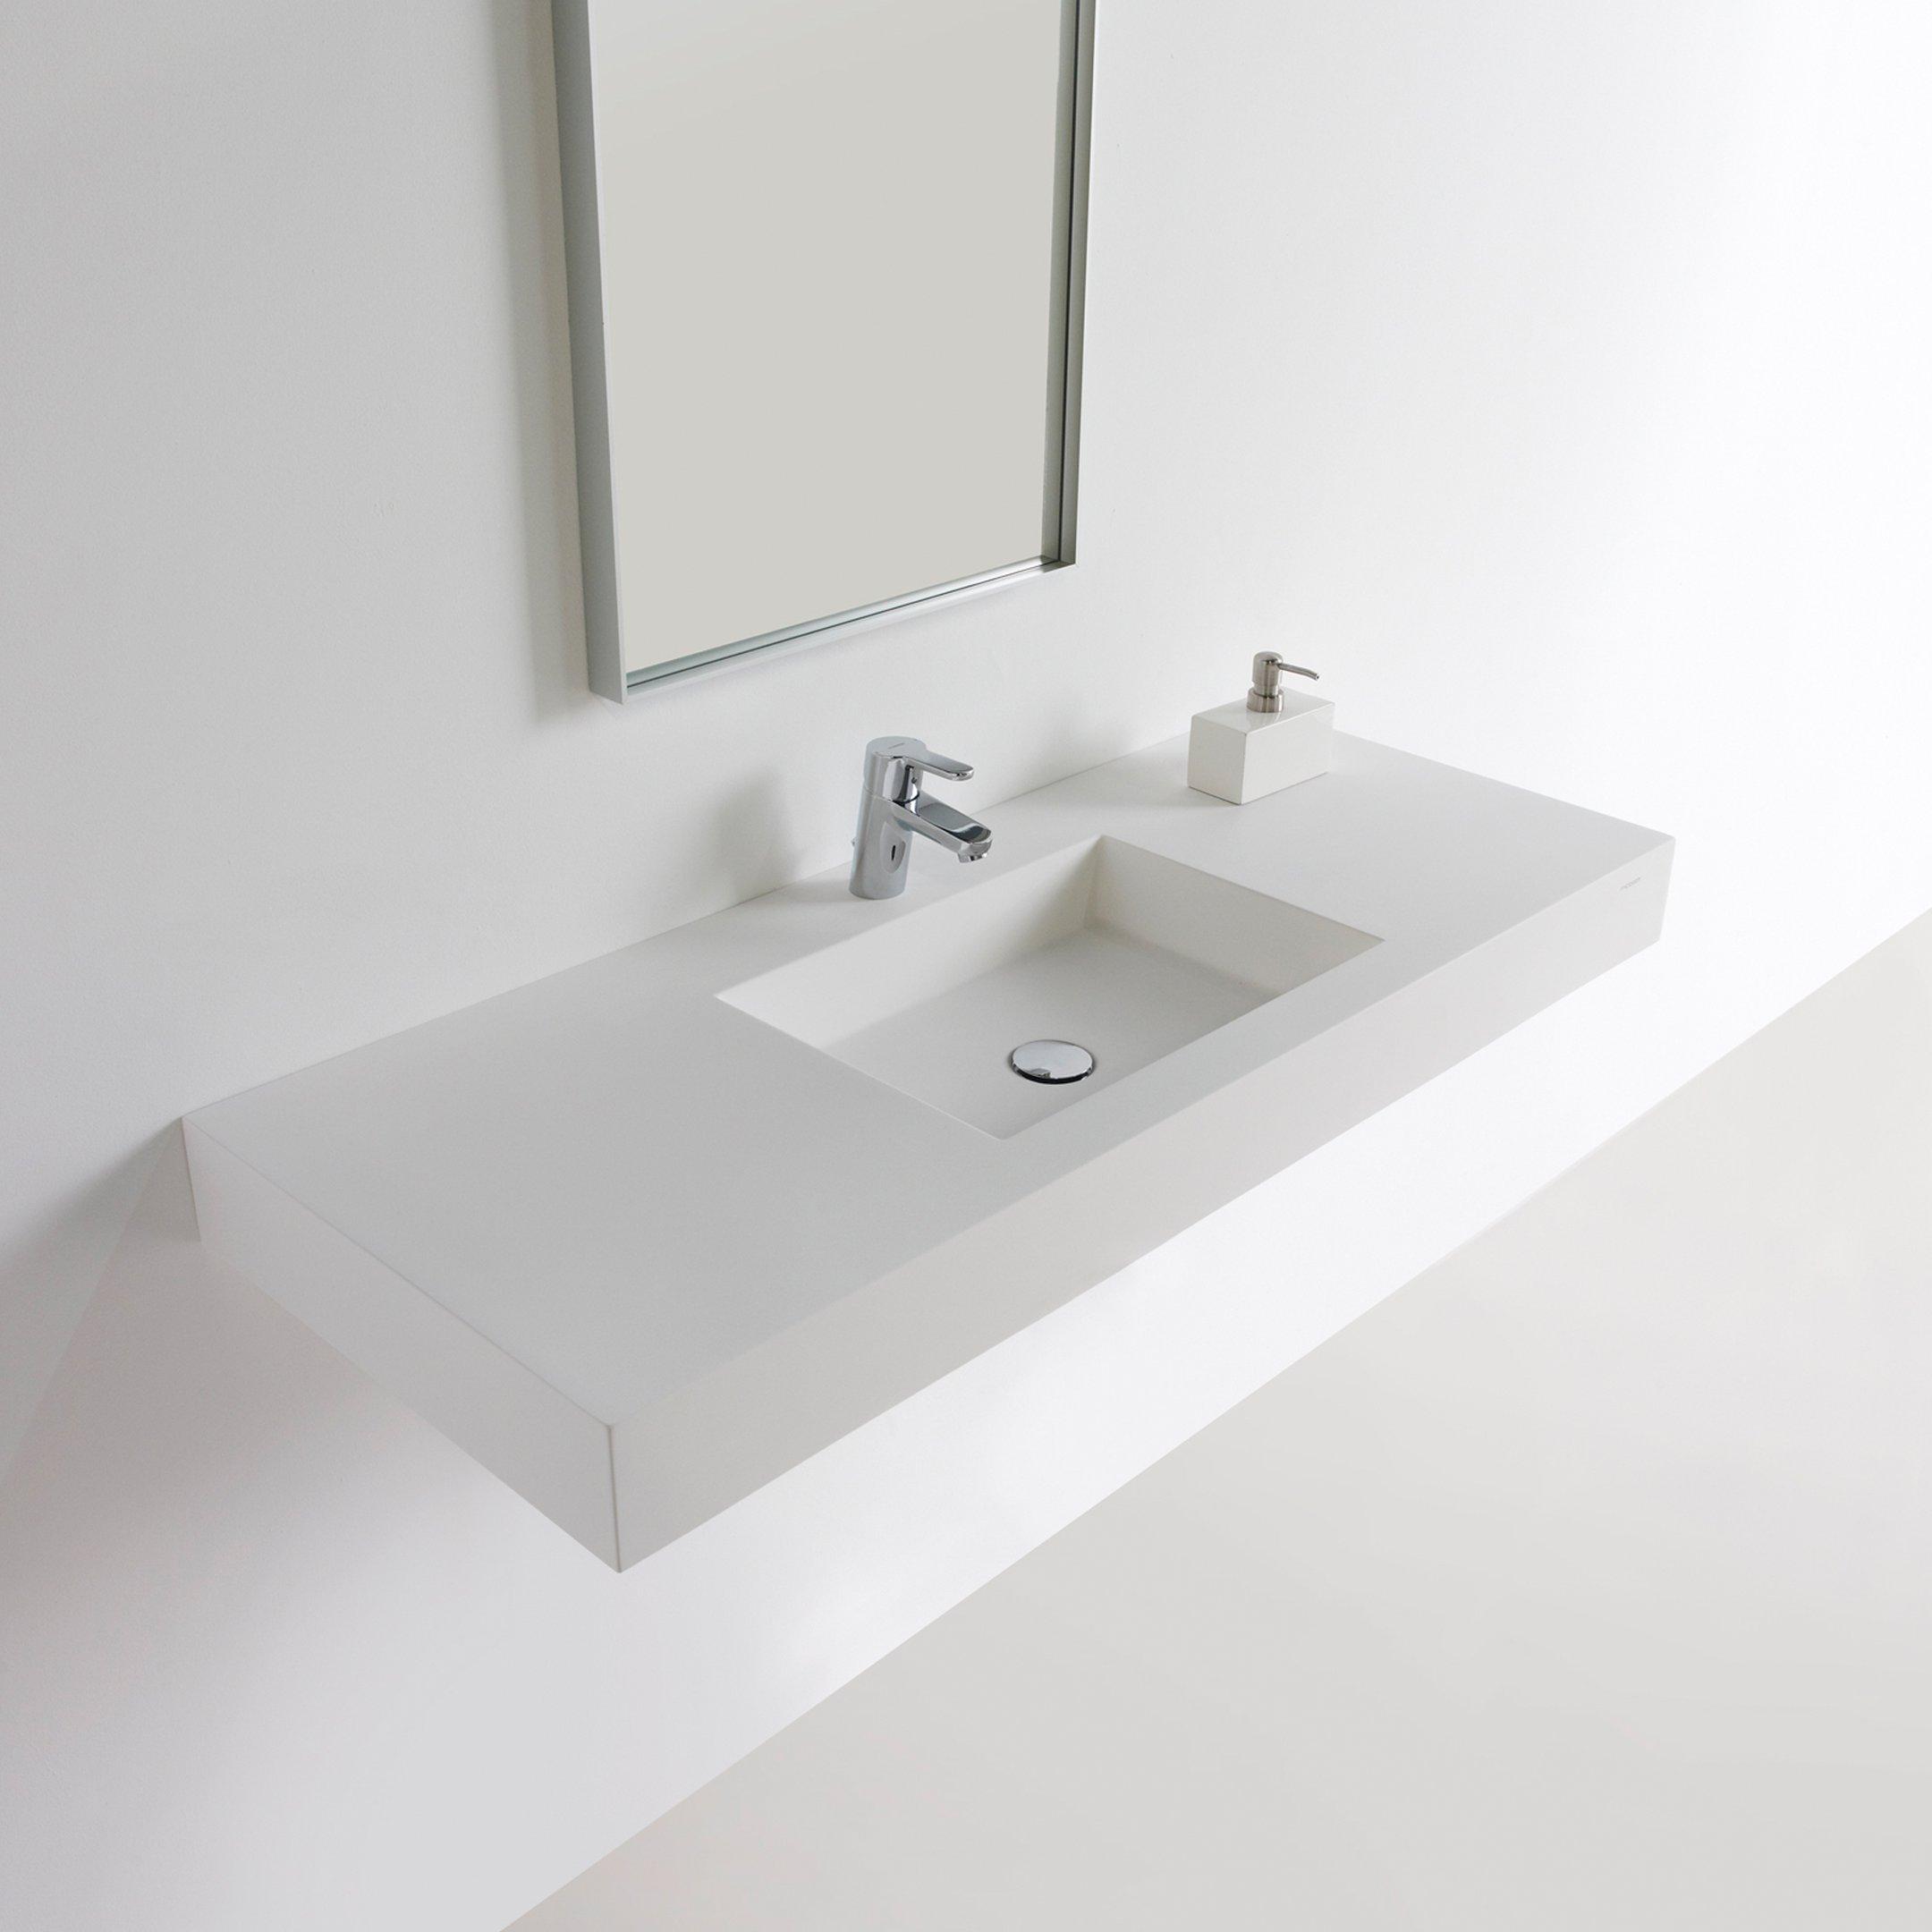 Espace Entre 2 Vasques puzzle wastafeltablet - y03